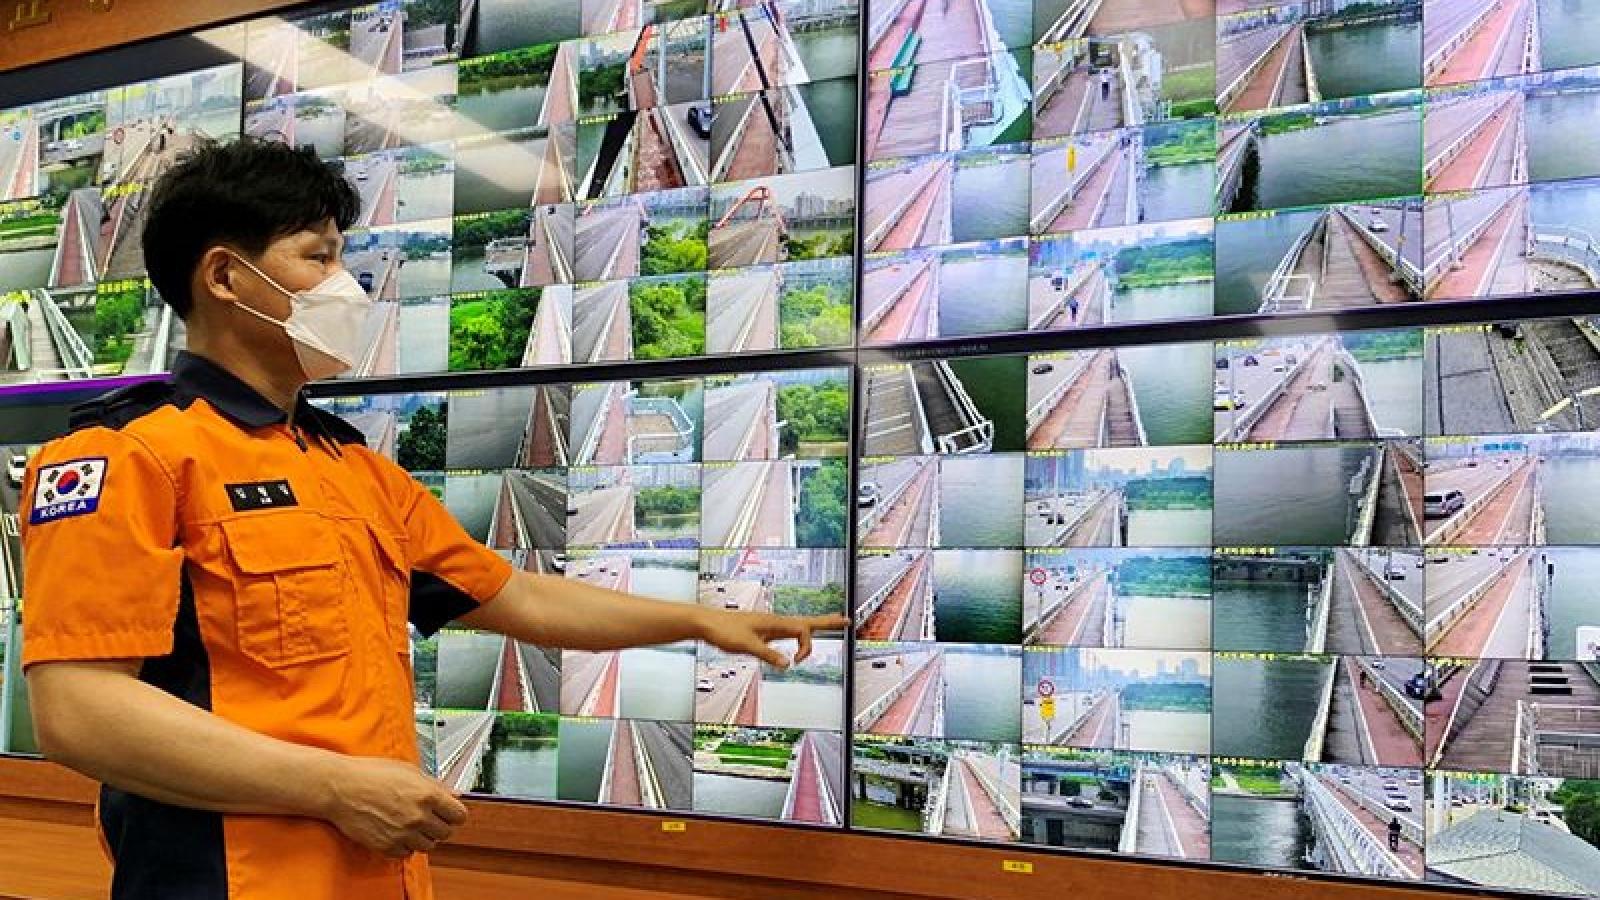 Hàn Quốc dùng trí tuệ nhân tạo phát hiện người có ý định nhảy cầu